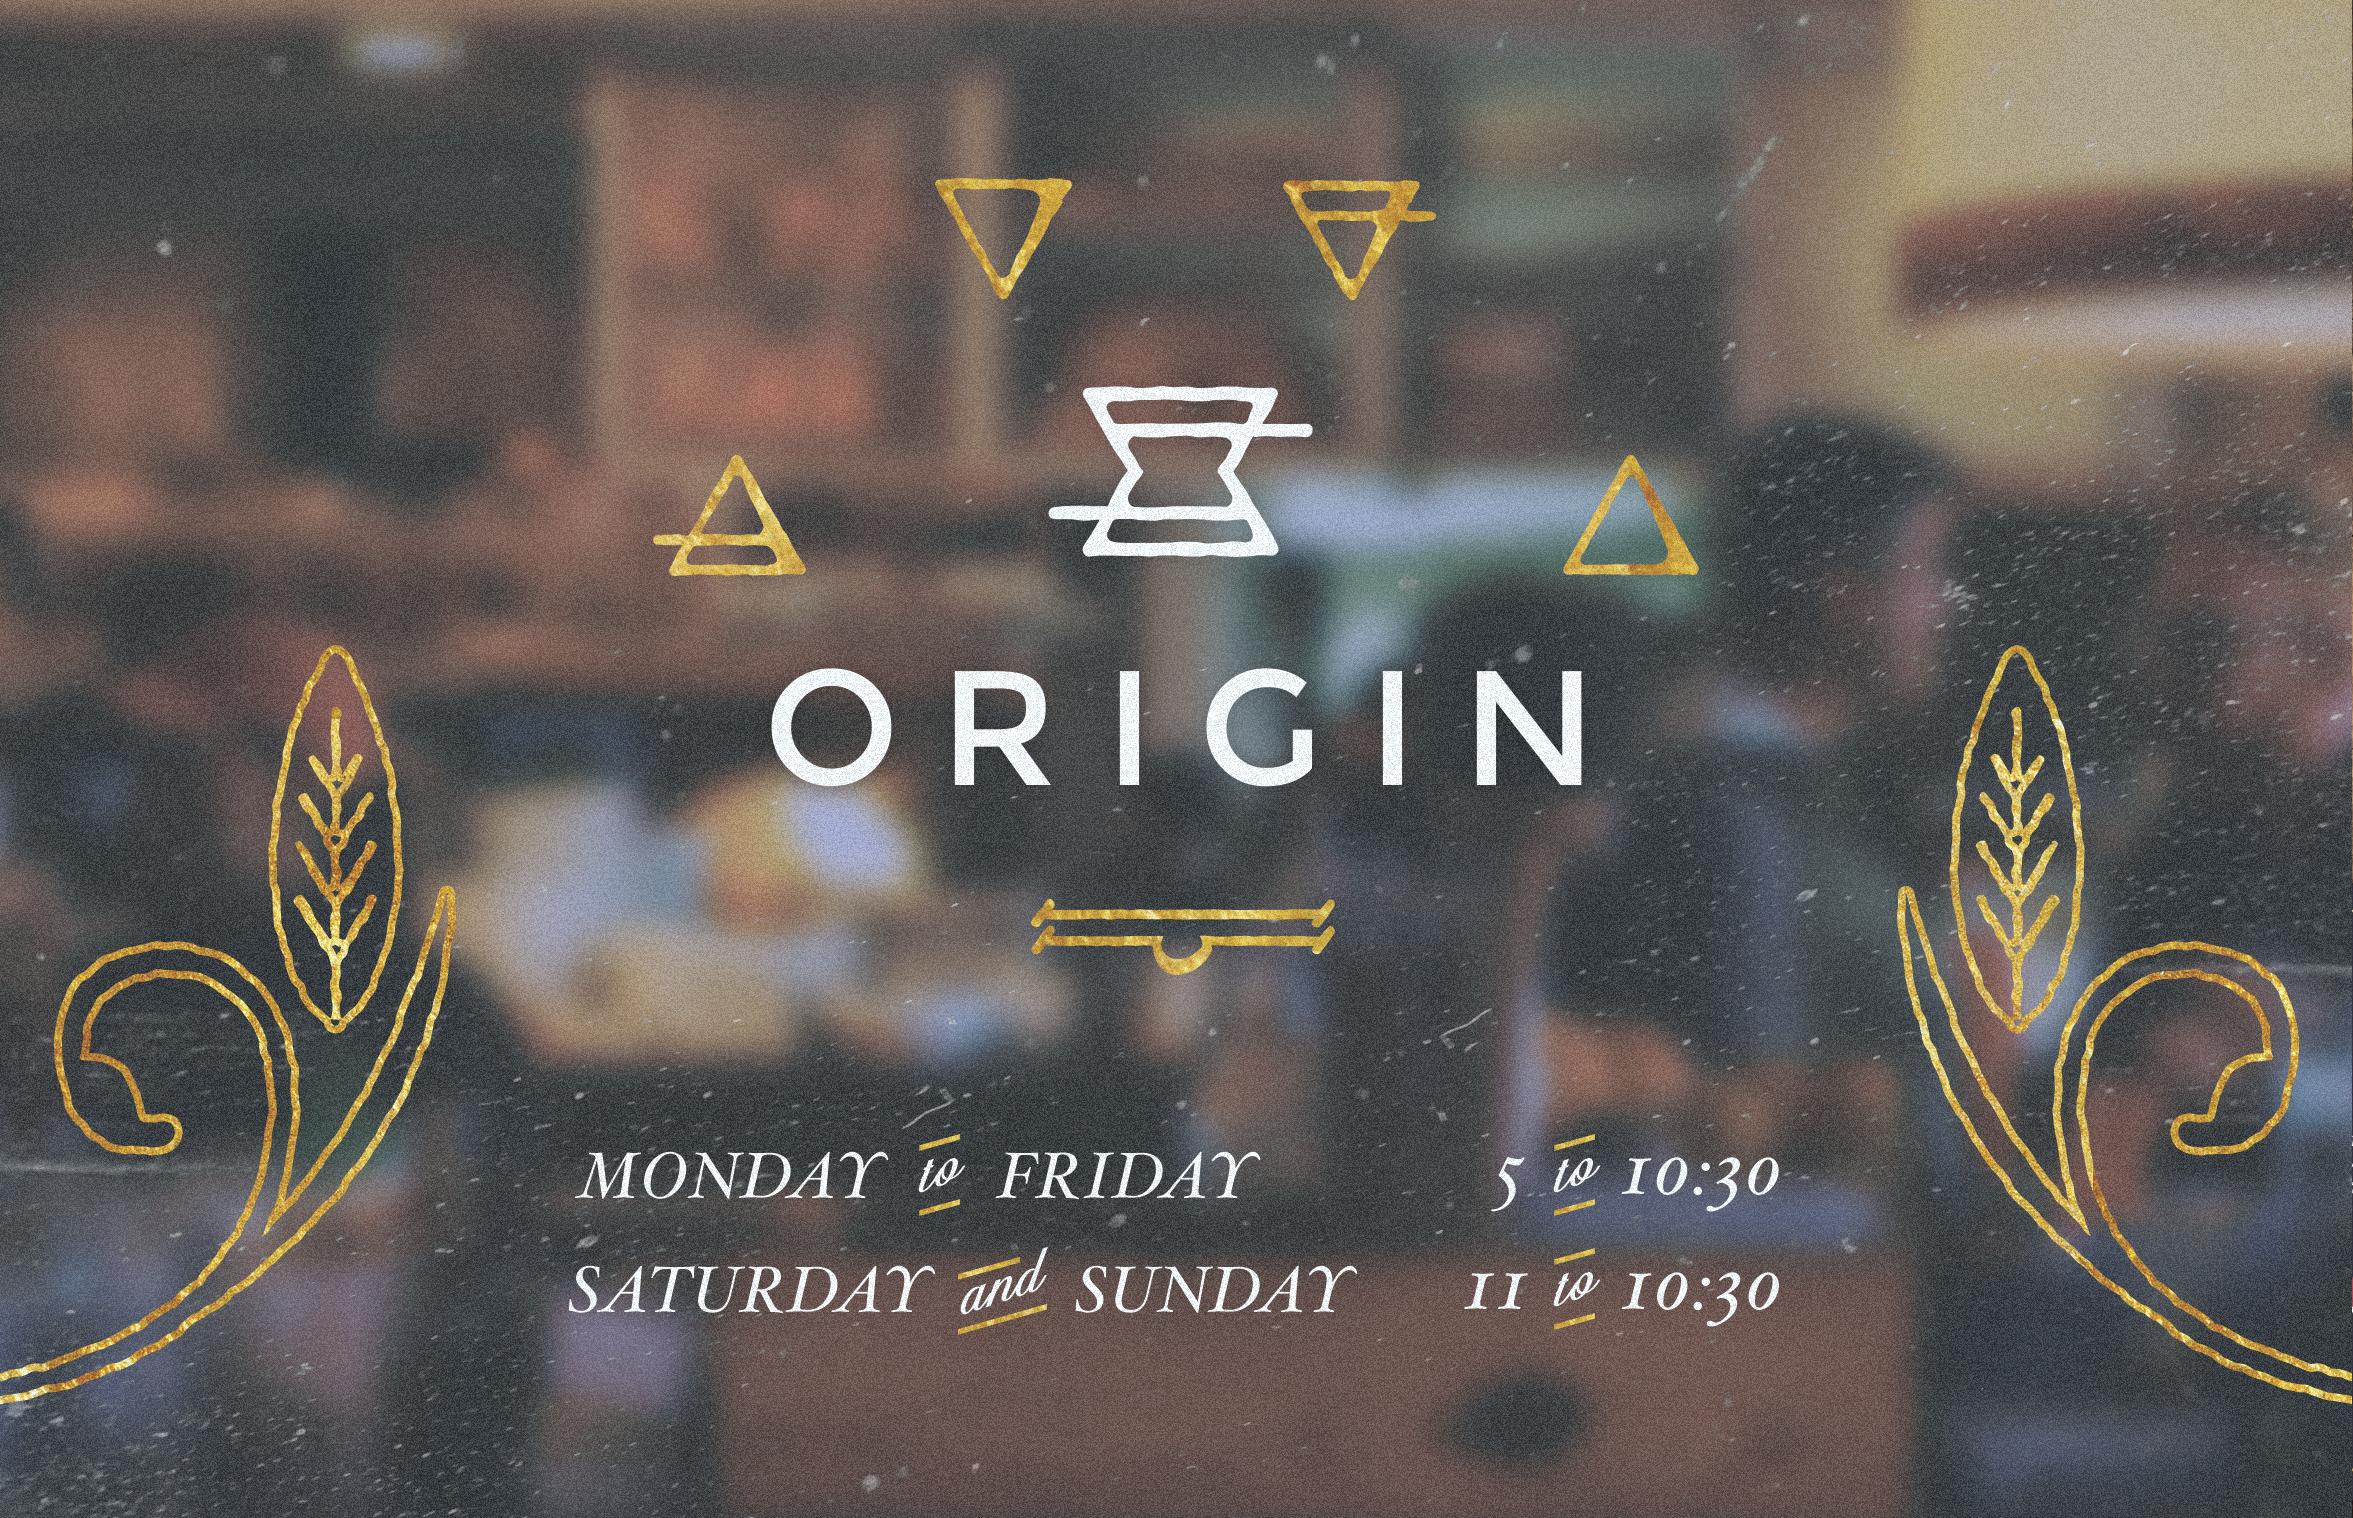 Origin-Images__0001_Window.png